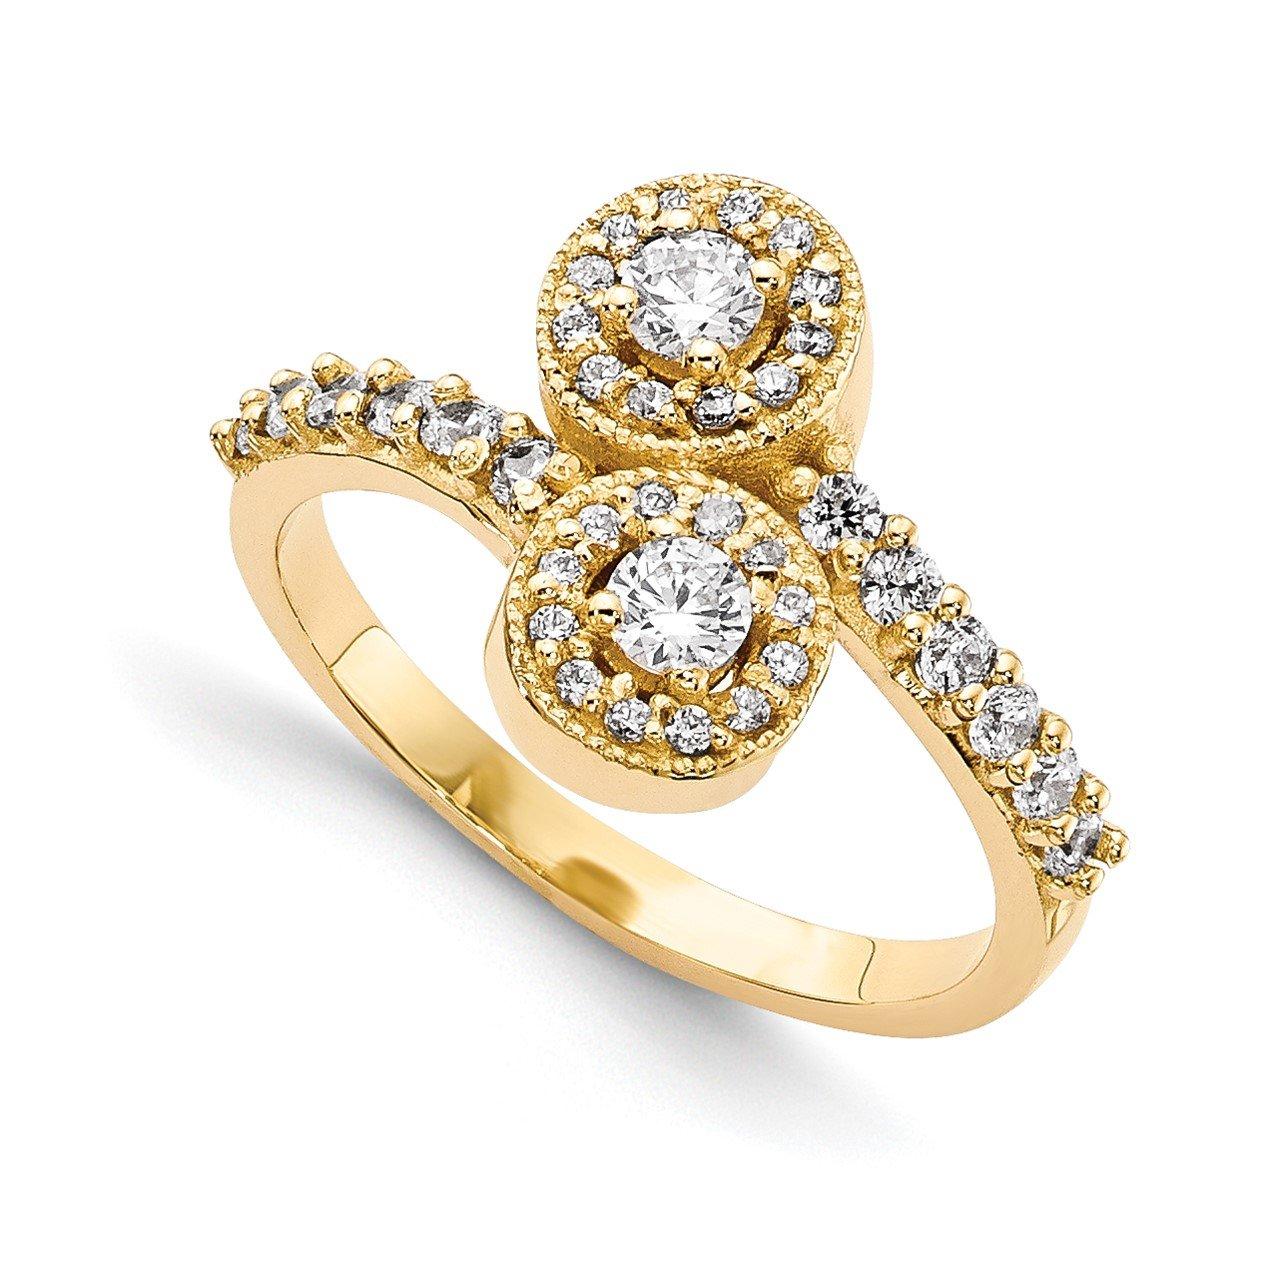 14KY AAA Diamond 2-stone Ring Semi-Mount - 2.3 mm center stones